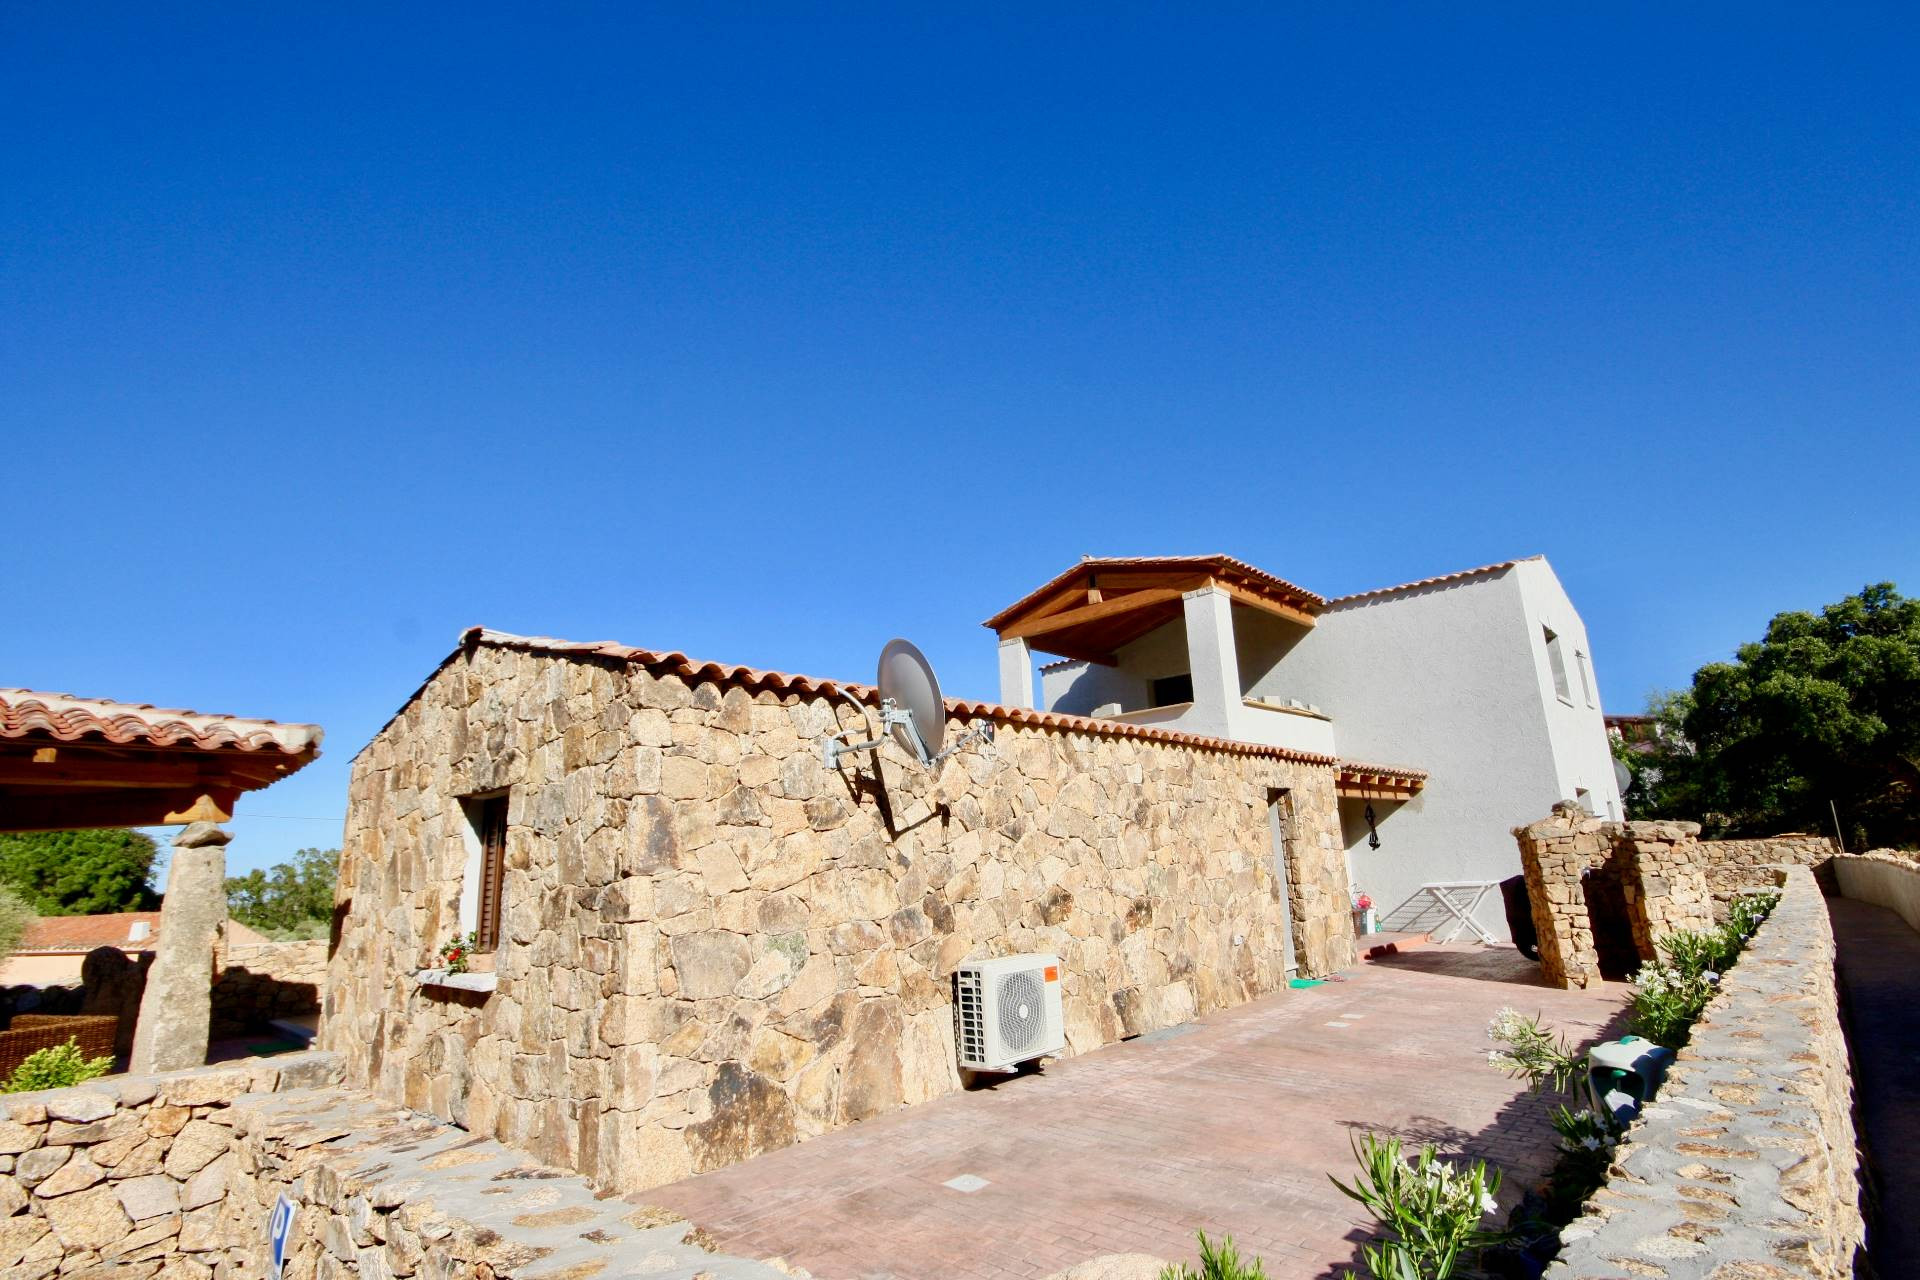 Appartamento in vendita a San Teodoro, 3 locali, prezzo € 175.000 | CambioCasa.it